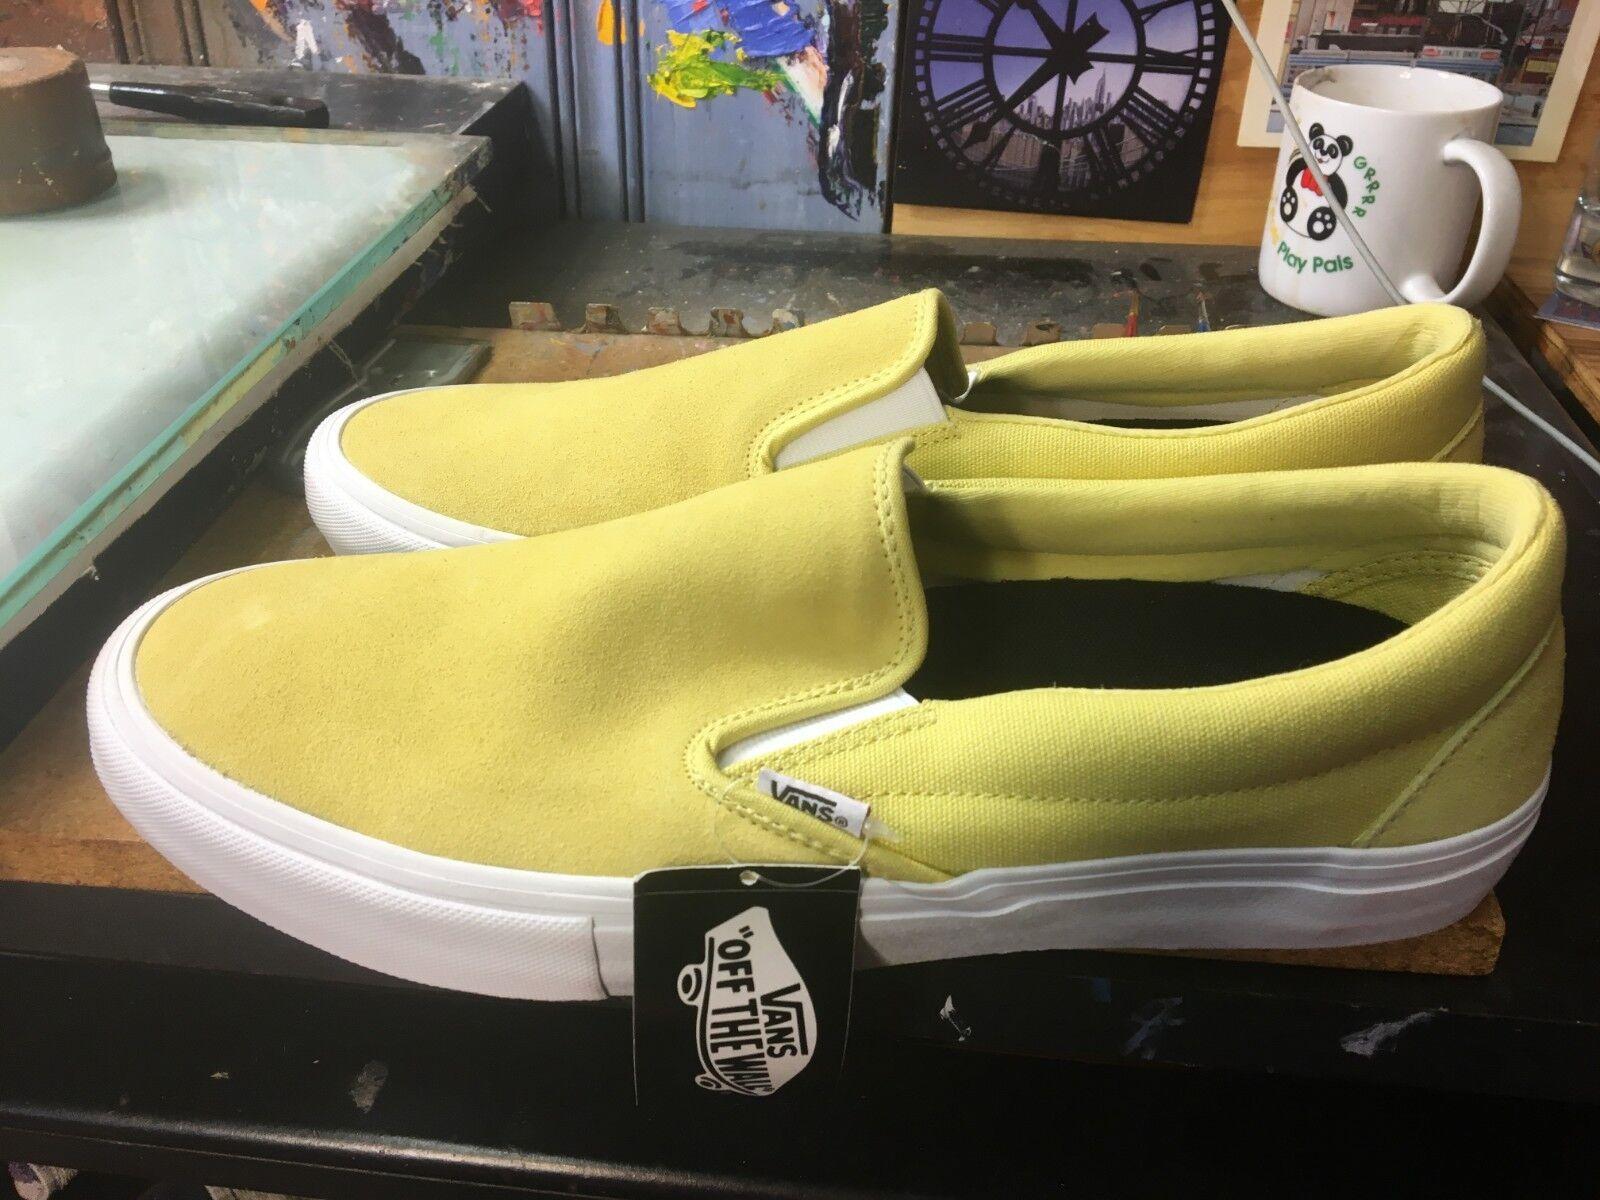 Vans Slip-On PRO Dusky Citron Size US US US 11.5 Men's VN0A347VOUW cc092b